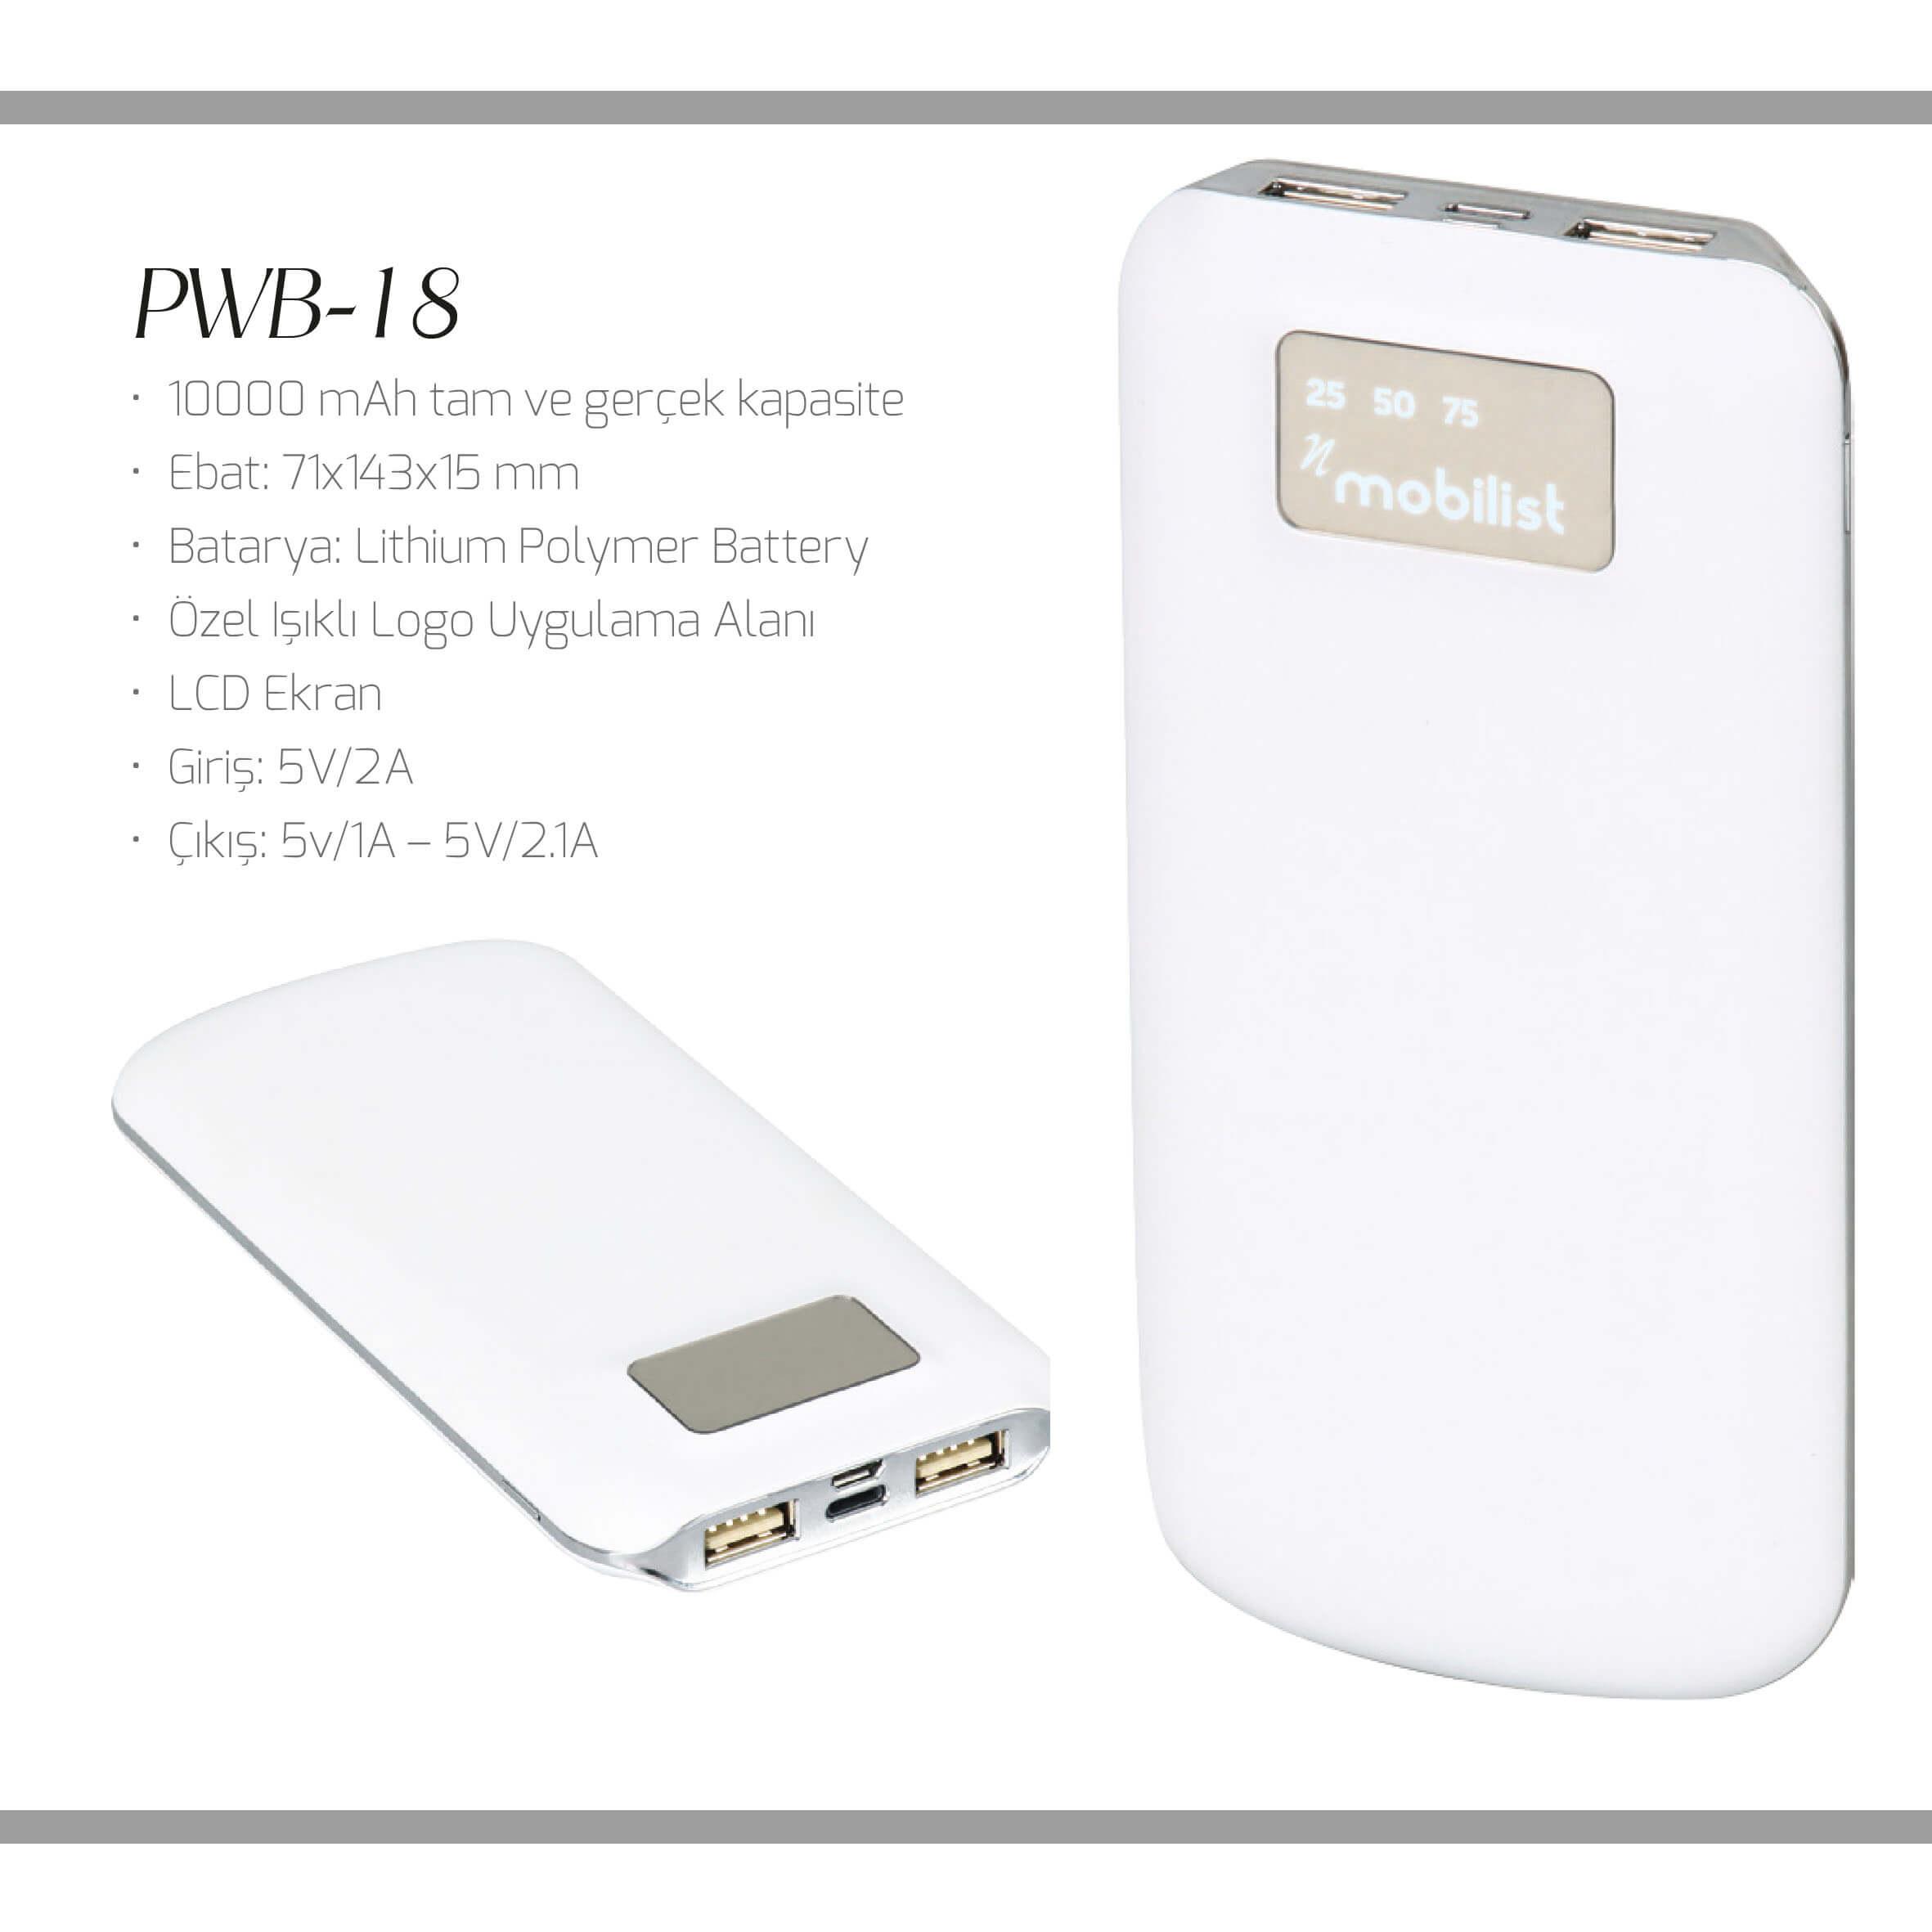 promosyon-promosyon ürünleri-powerbank-promosyon pwb-18